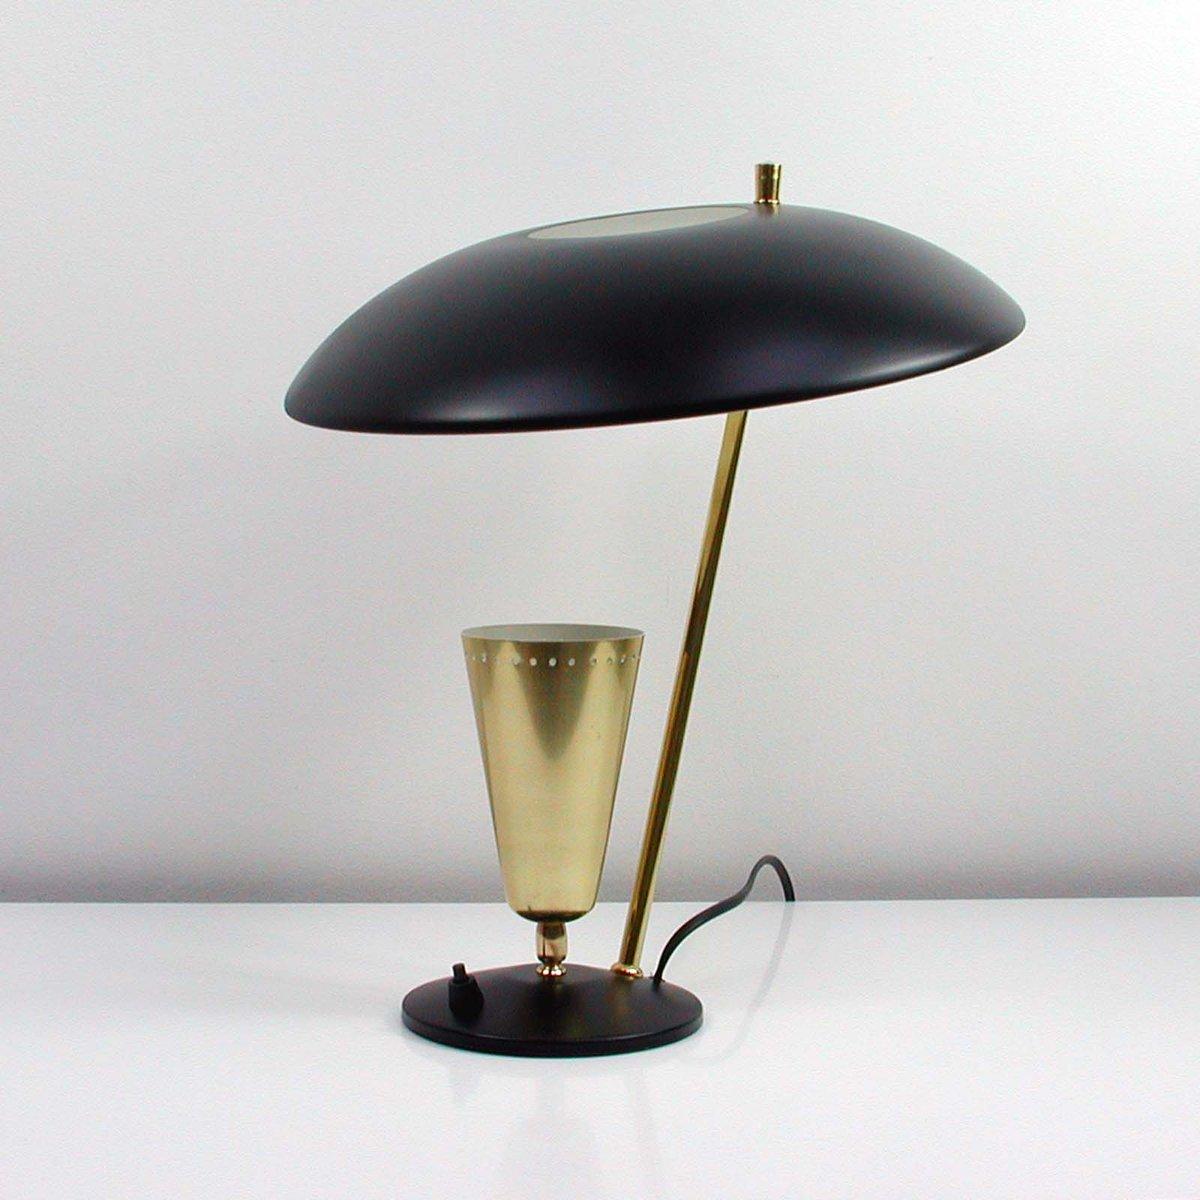 Lampade da tavolo anni 50 rw93 pineglen - Lampade da tavolo anni 50 ...